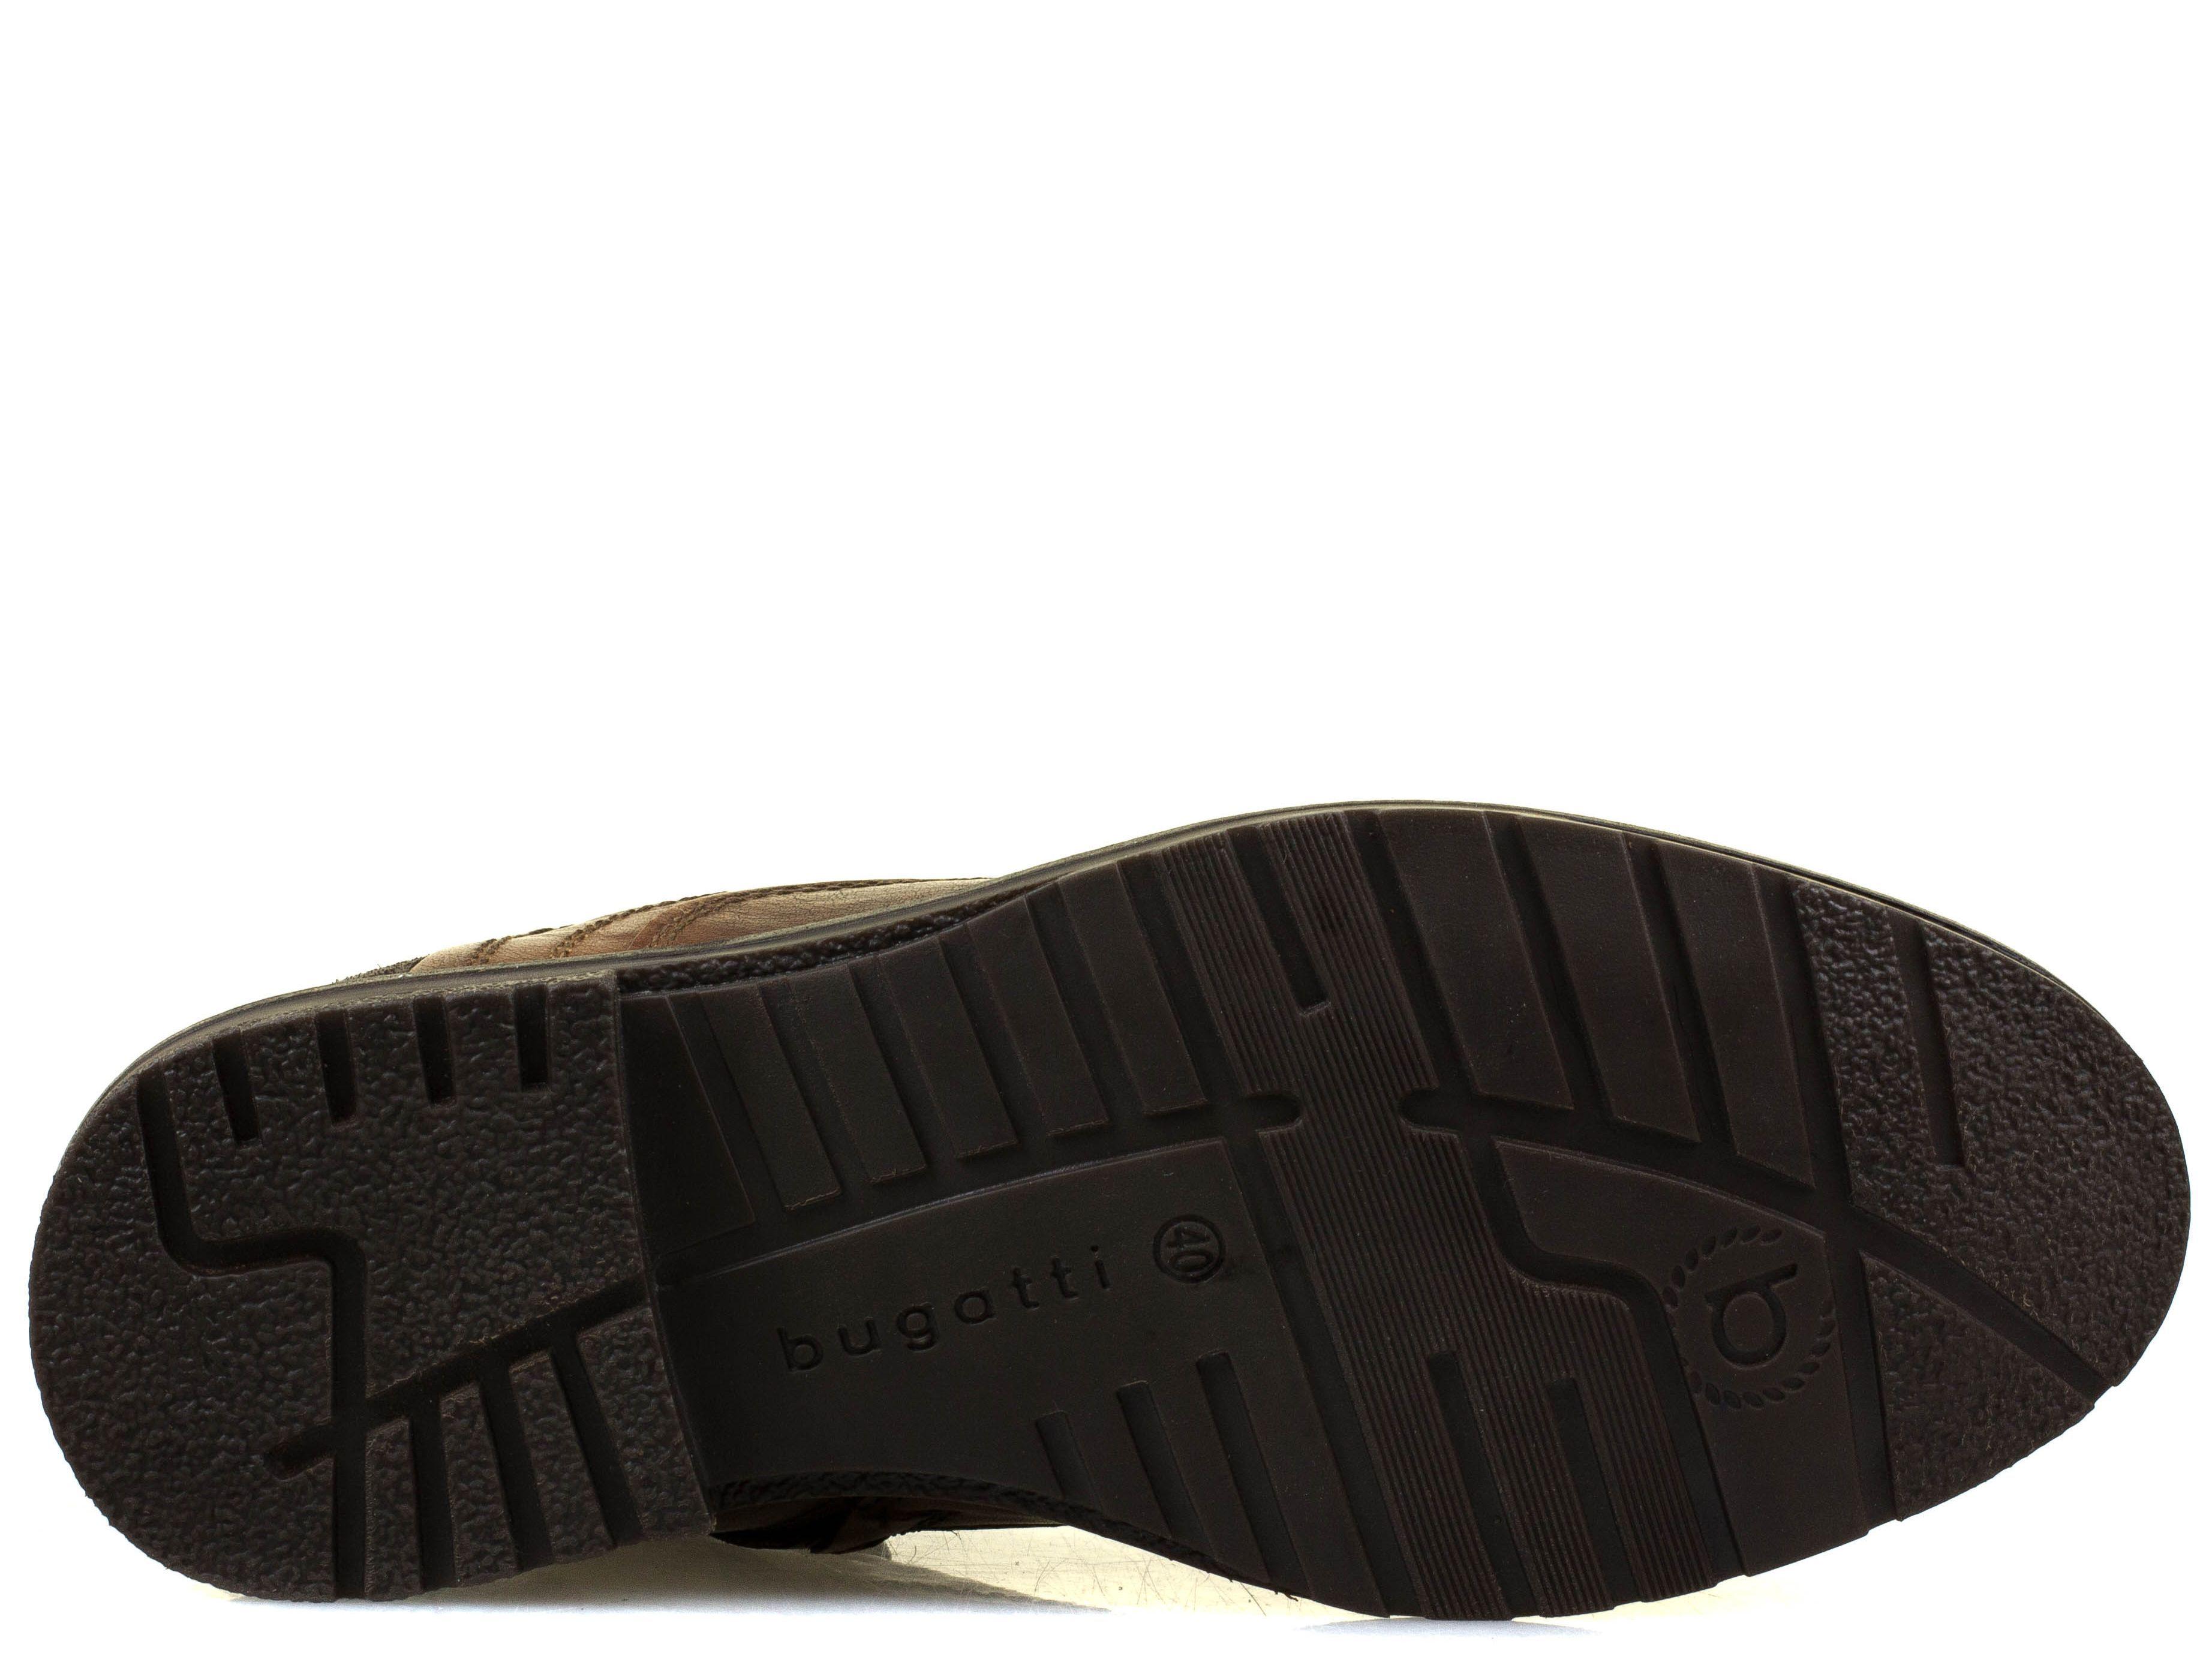 Ботинки для мужчин Bugatti Ringo YD44 цена обуви, 2017